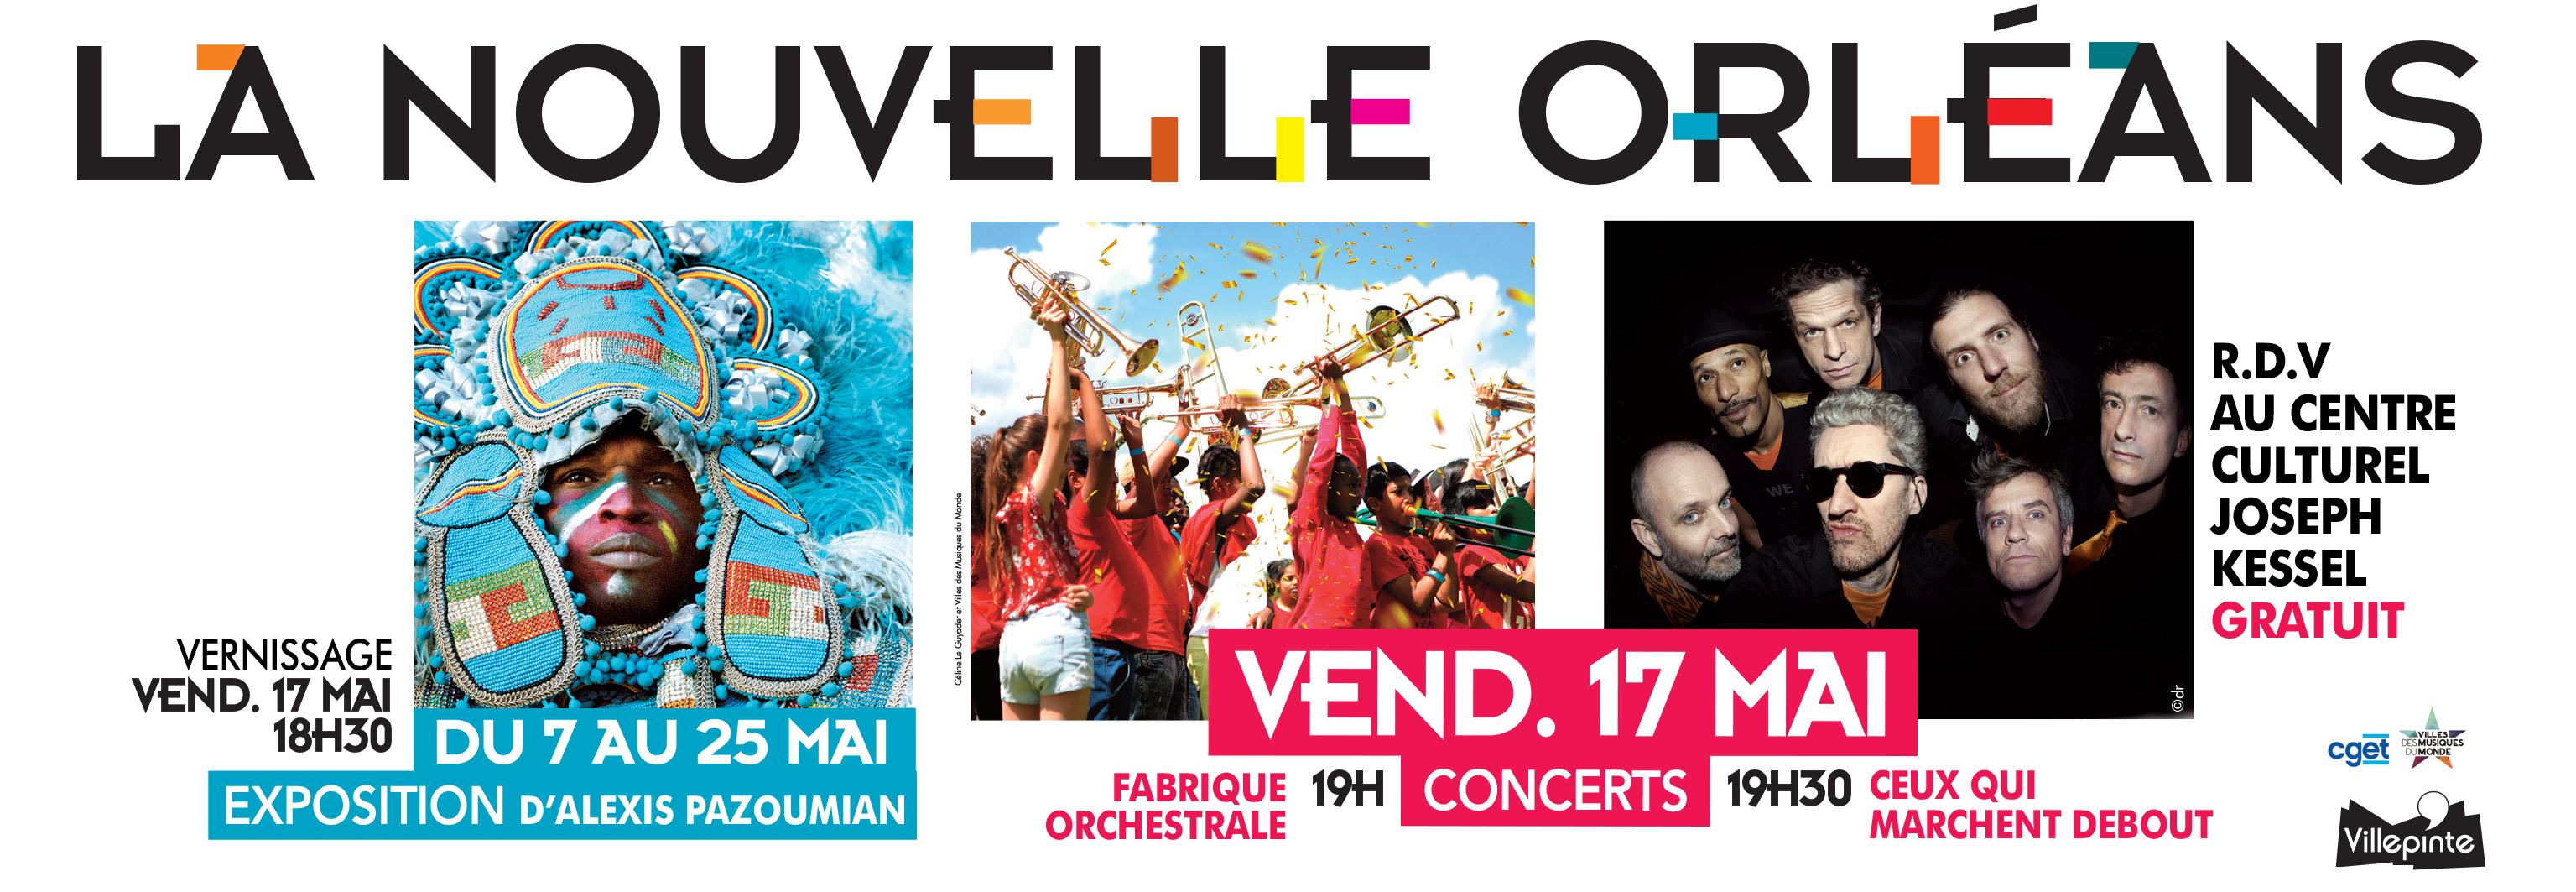 Concerts des Fabriques Orchestrales Junior de Villepinte et de la fanfare Funk Ceux Qui Marchent Debout vendredi 17 mai à Villepinte. Expo photo d'Alexis Pazoumian